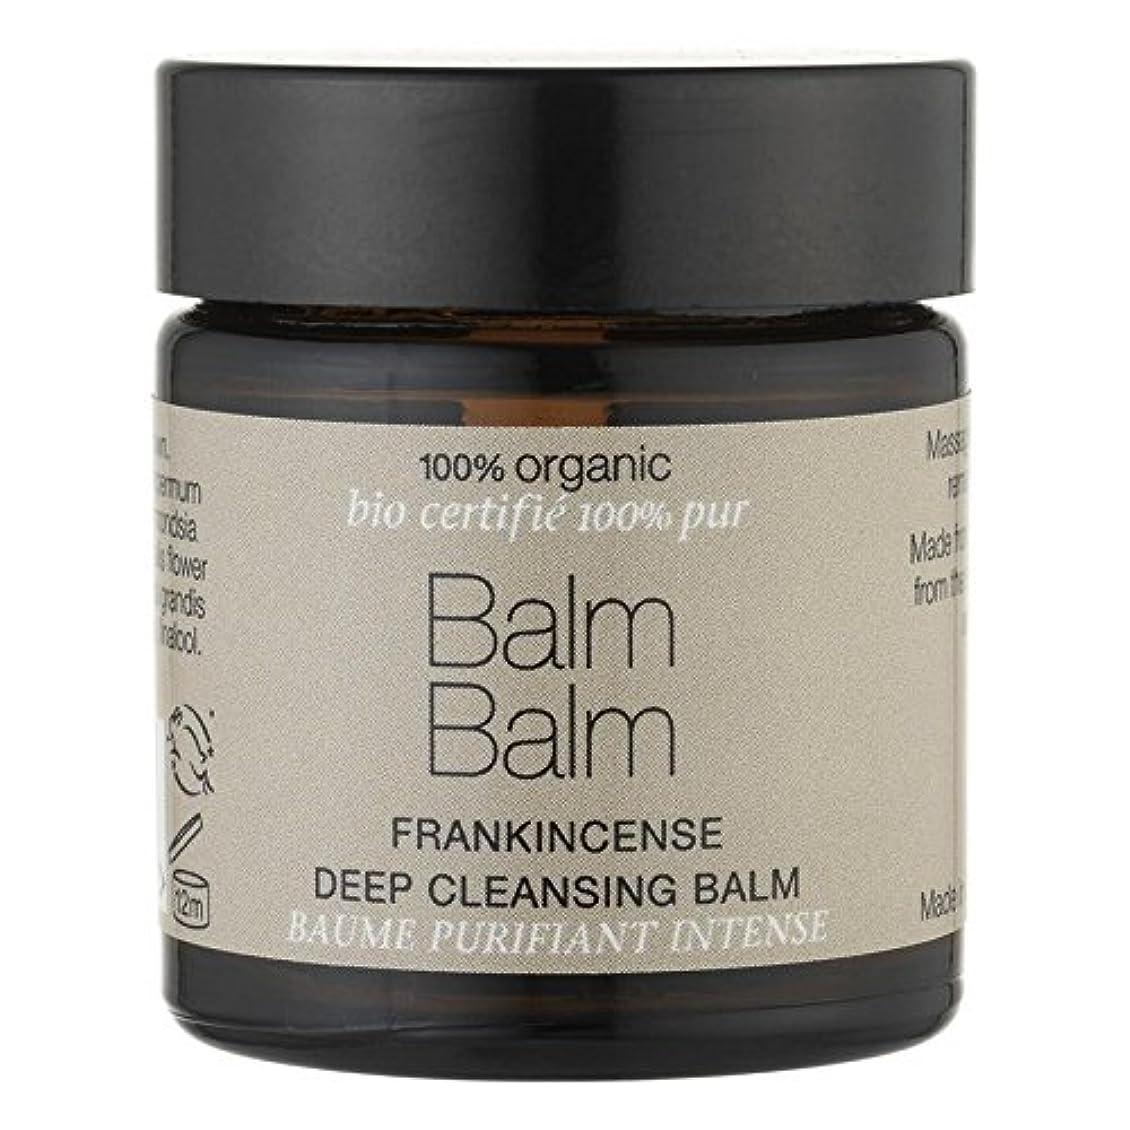 バームバーム乳香有機ディープクレンジングクリーム60ミリリットル x4 - Balm Balm Frankincense Organic Deep Cleansing Balm 60ml (Pack of 4) [並行輸入品]